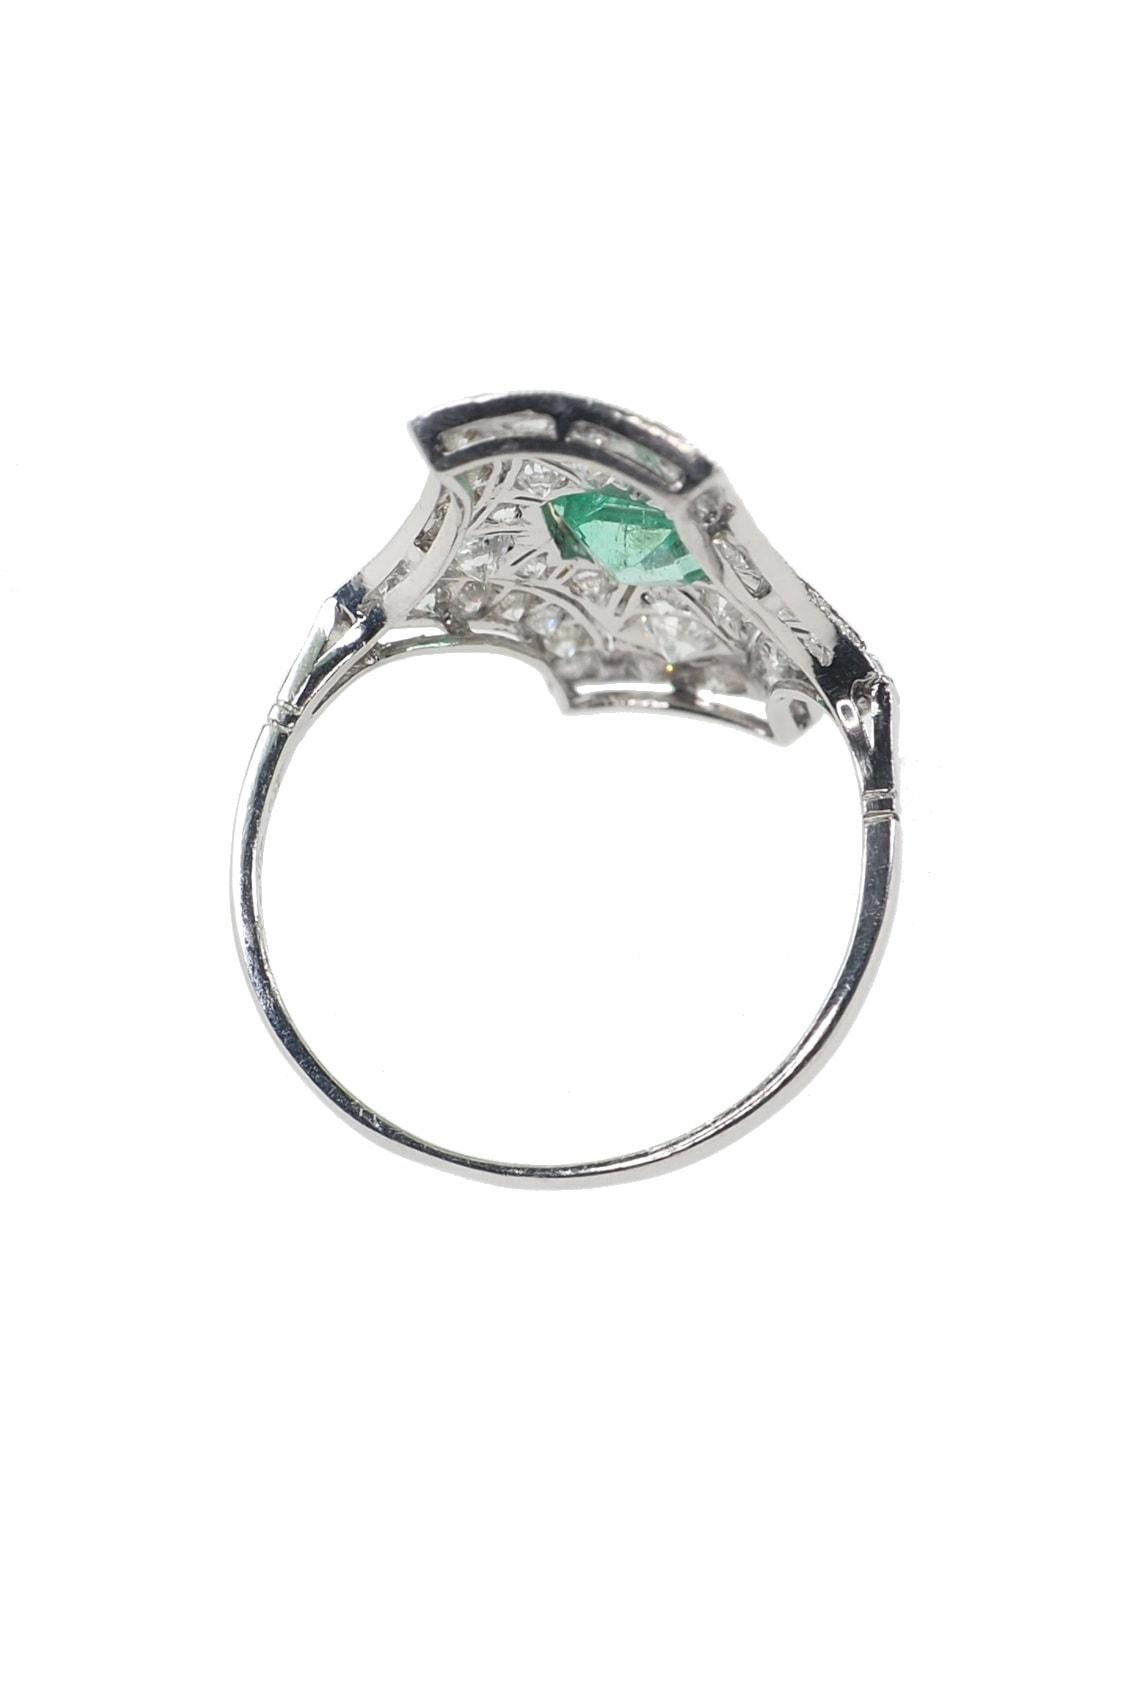 Smaragdring-online-kaufen-0194c